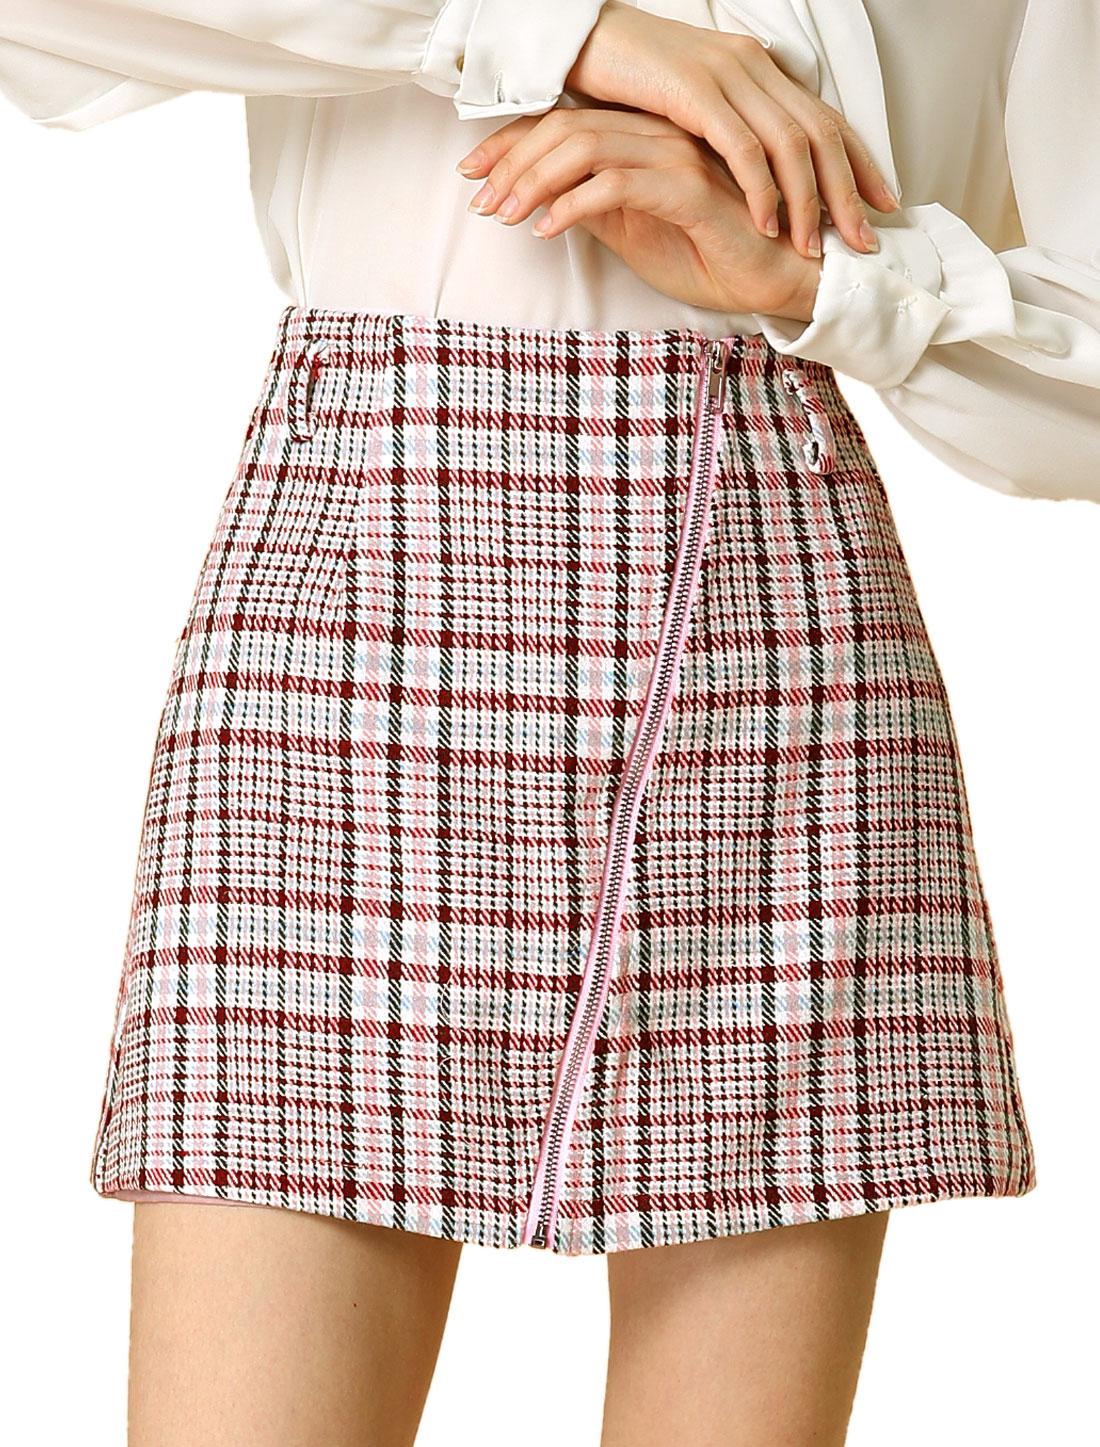 Allegra K Women's Zip High Waist Aline Plaids Skirt with Belt PINK L (US 14)